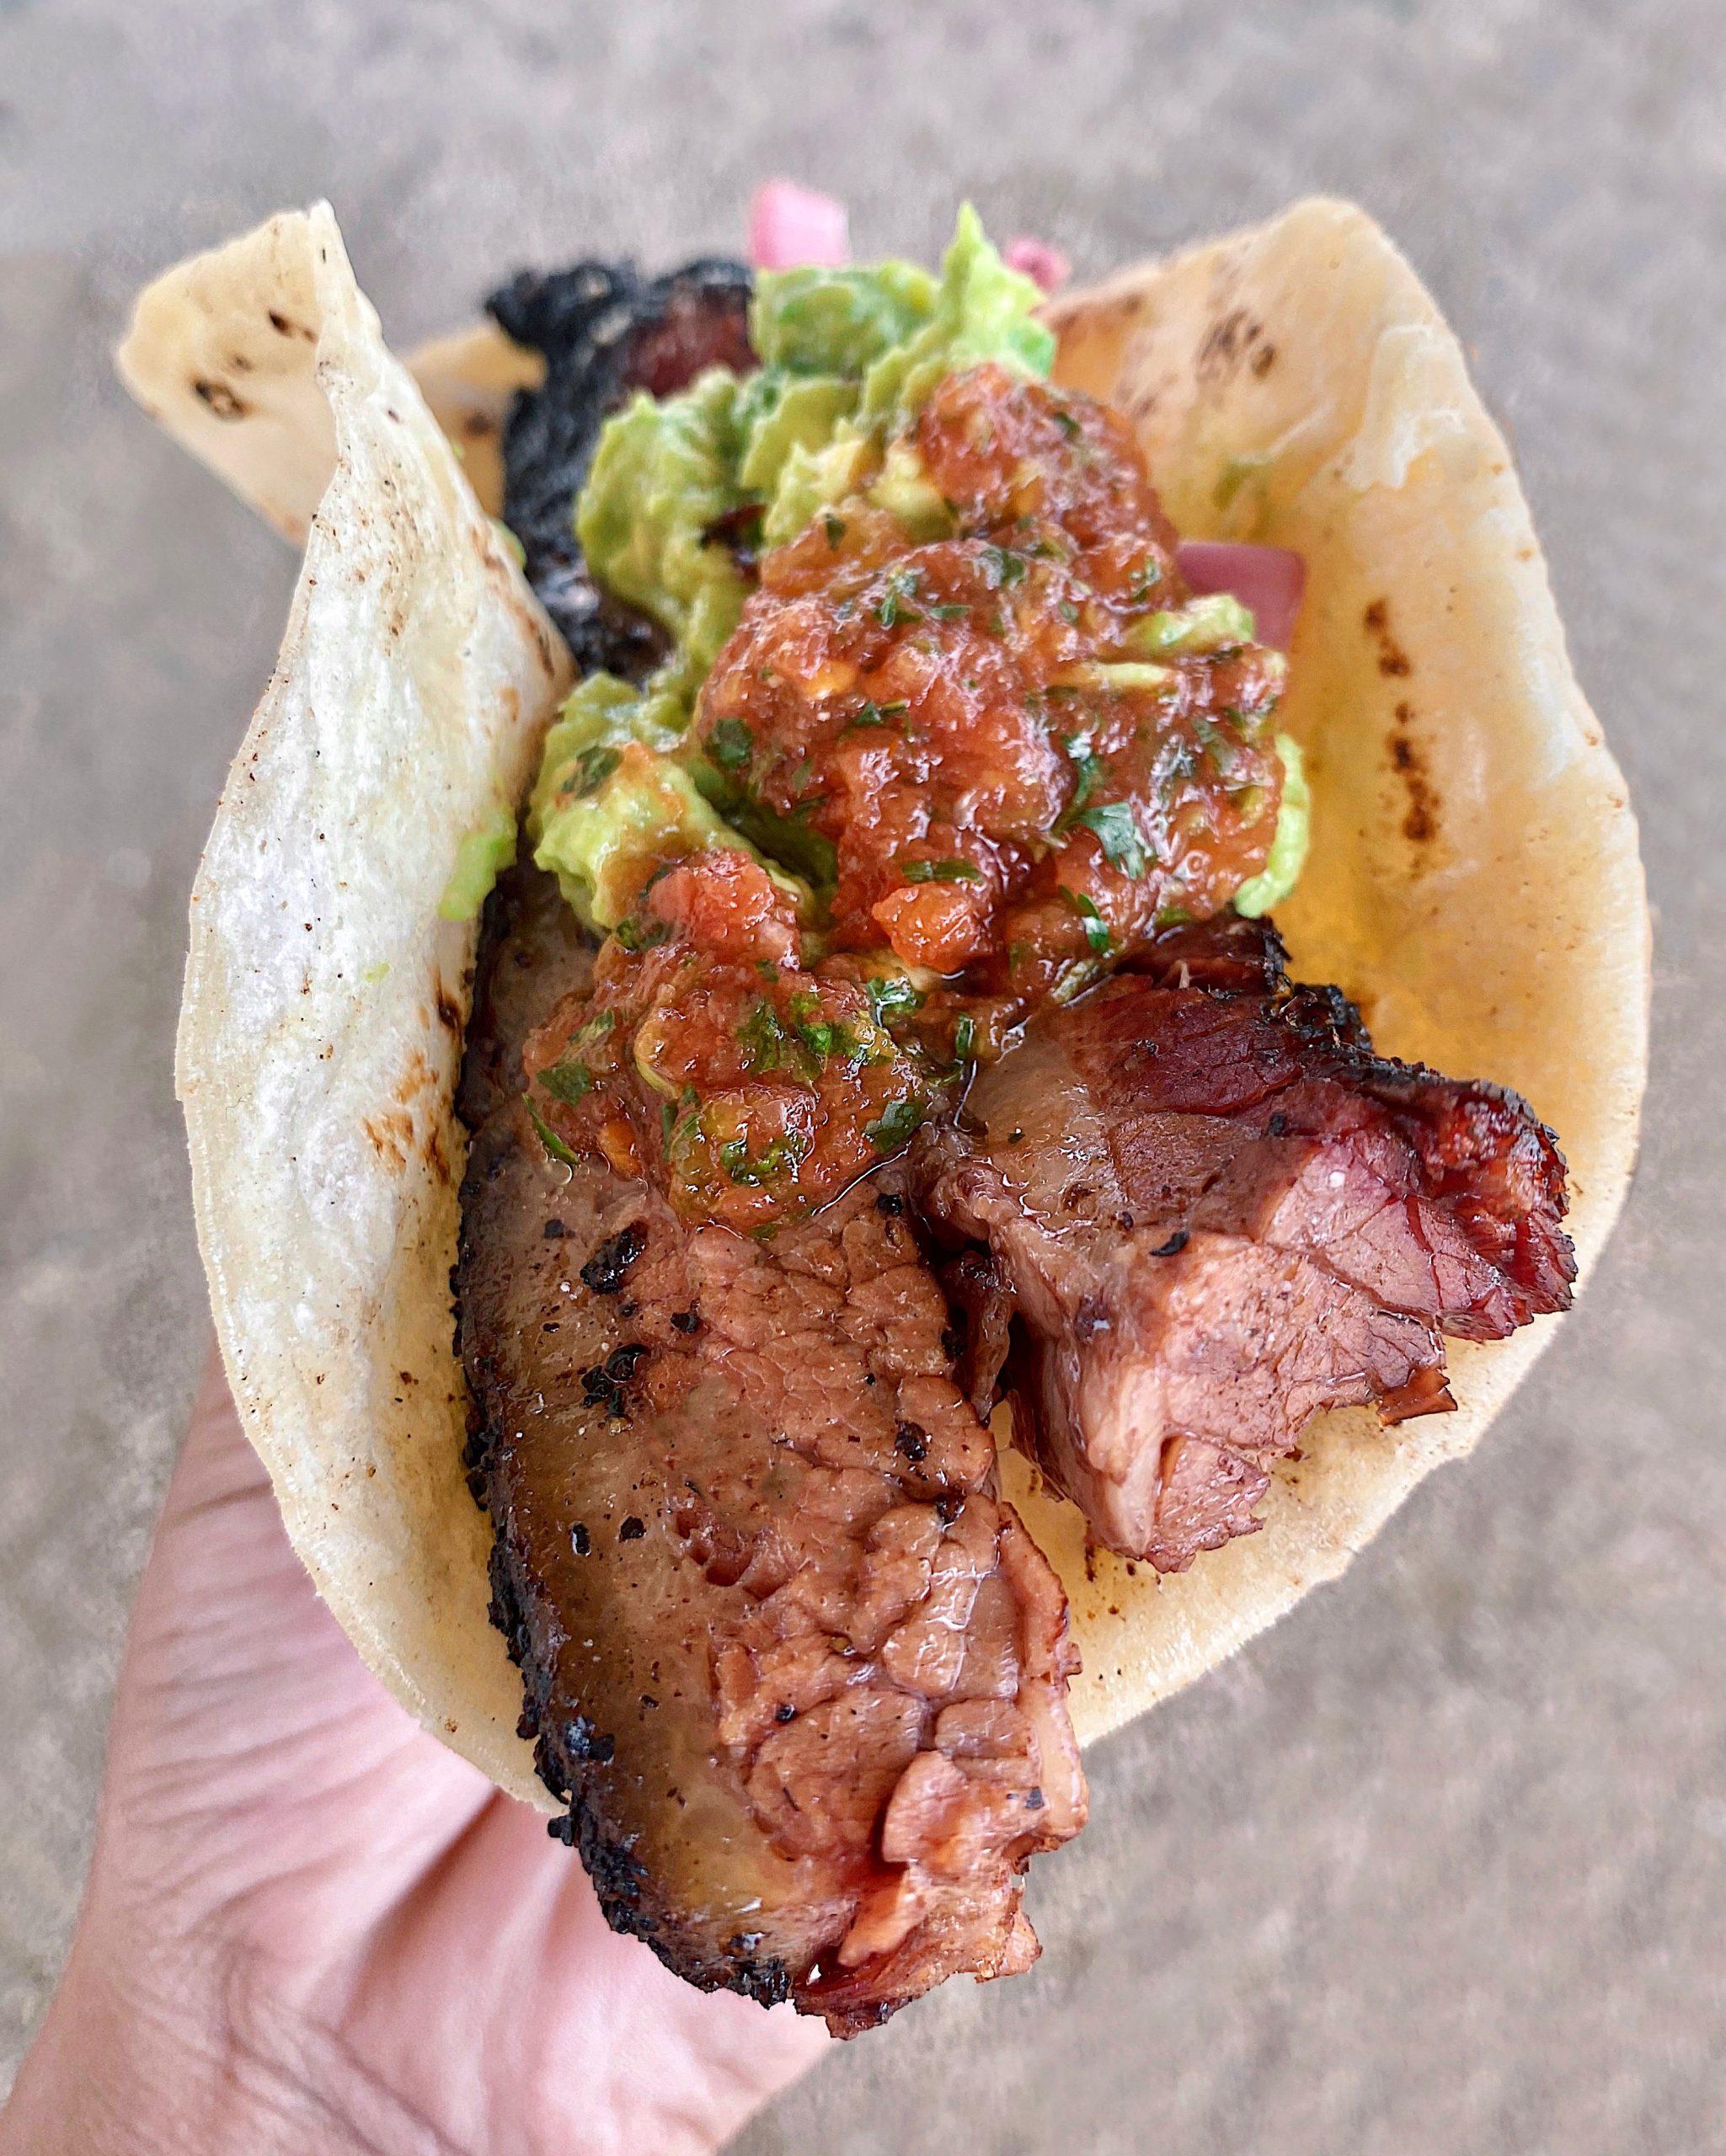 Brisket taco from Valentinas in Austin, TX